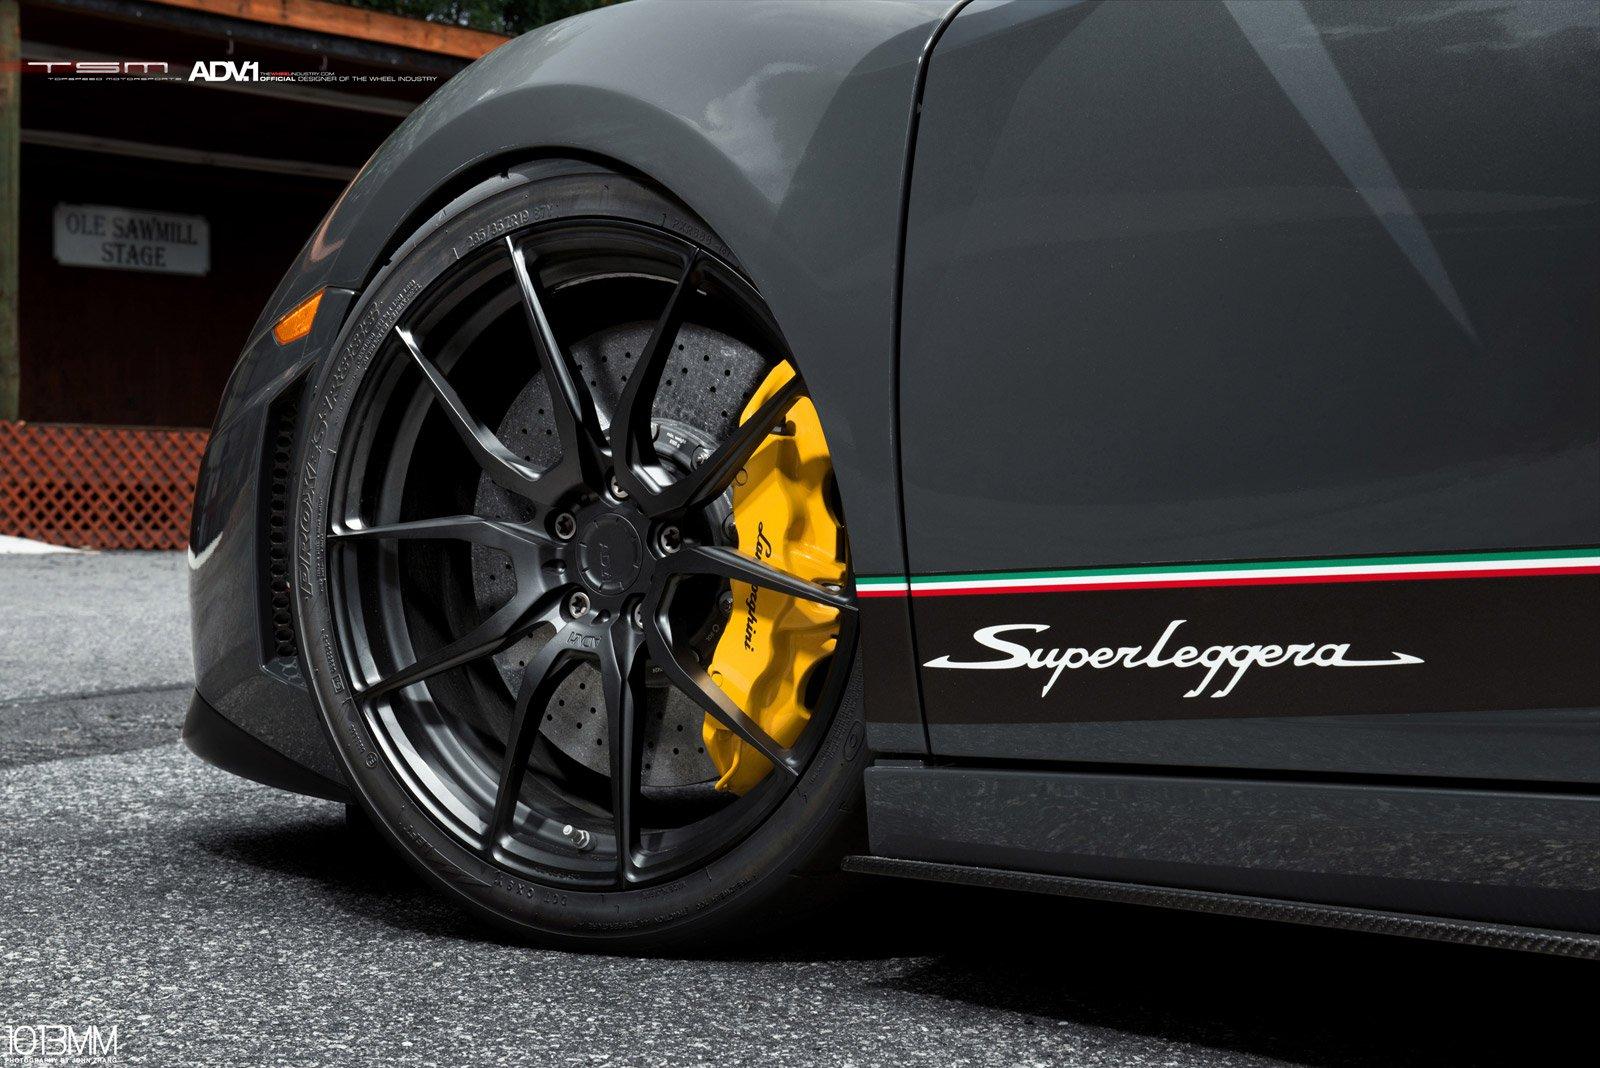 lamborghini gallardo lp570 superleggera adv1 wheels cars tuning supercars wallpaper 1600x1068 521146 wallpaperup - Lamborghini Gallardo Superleggera Wallpaper